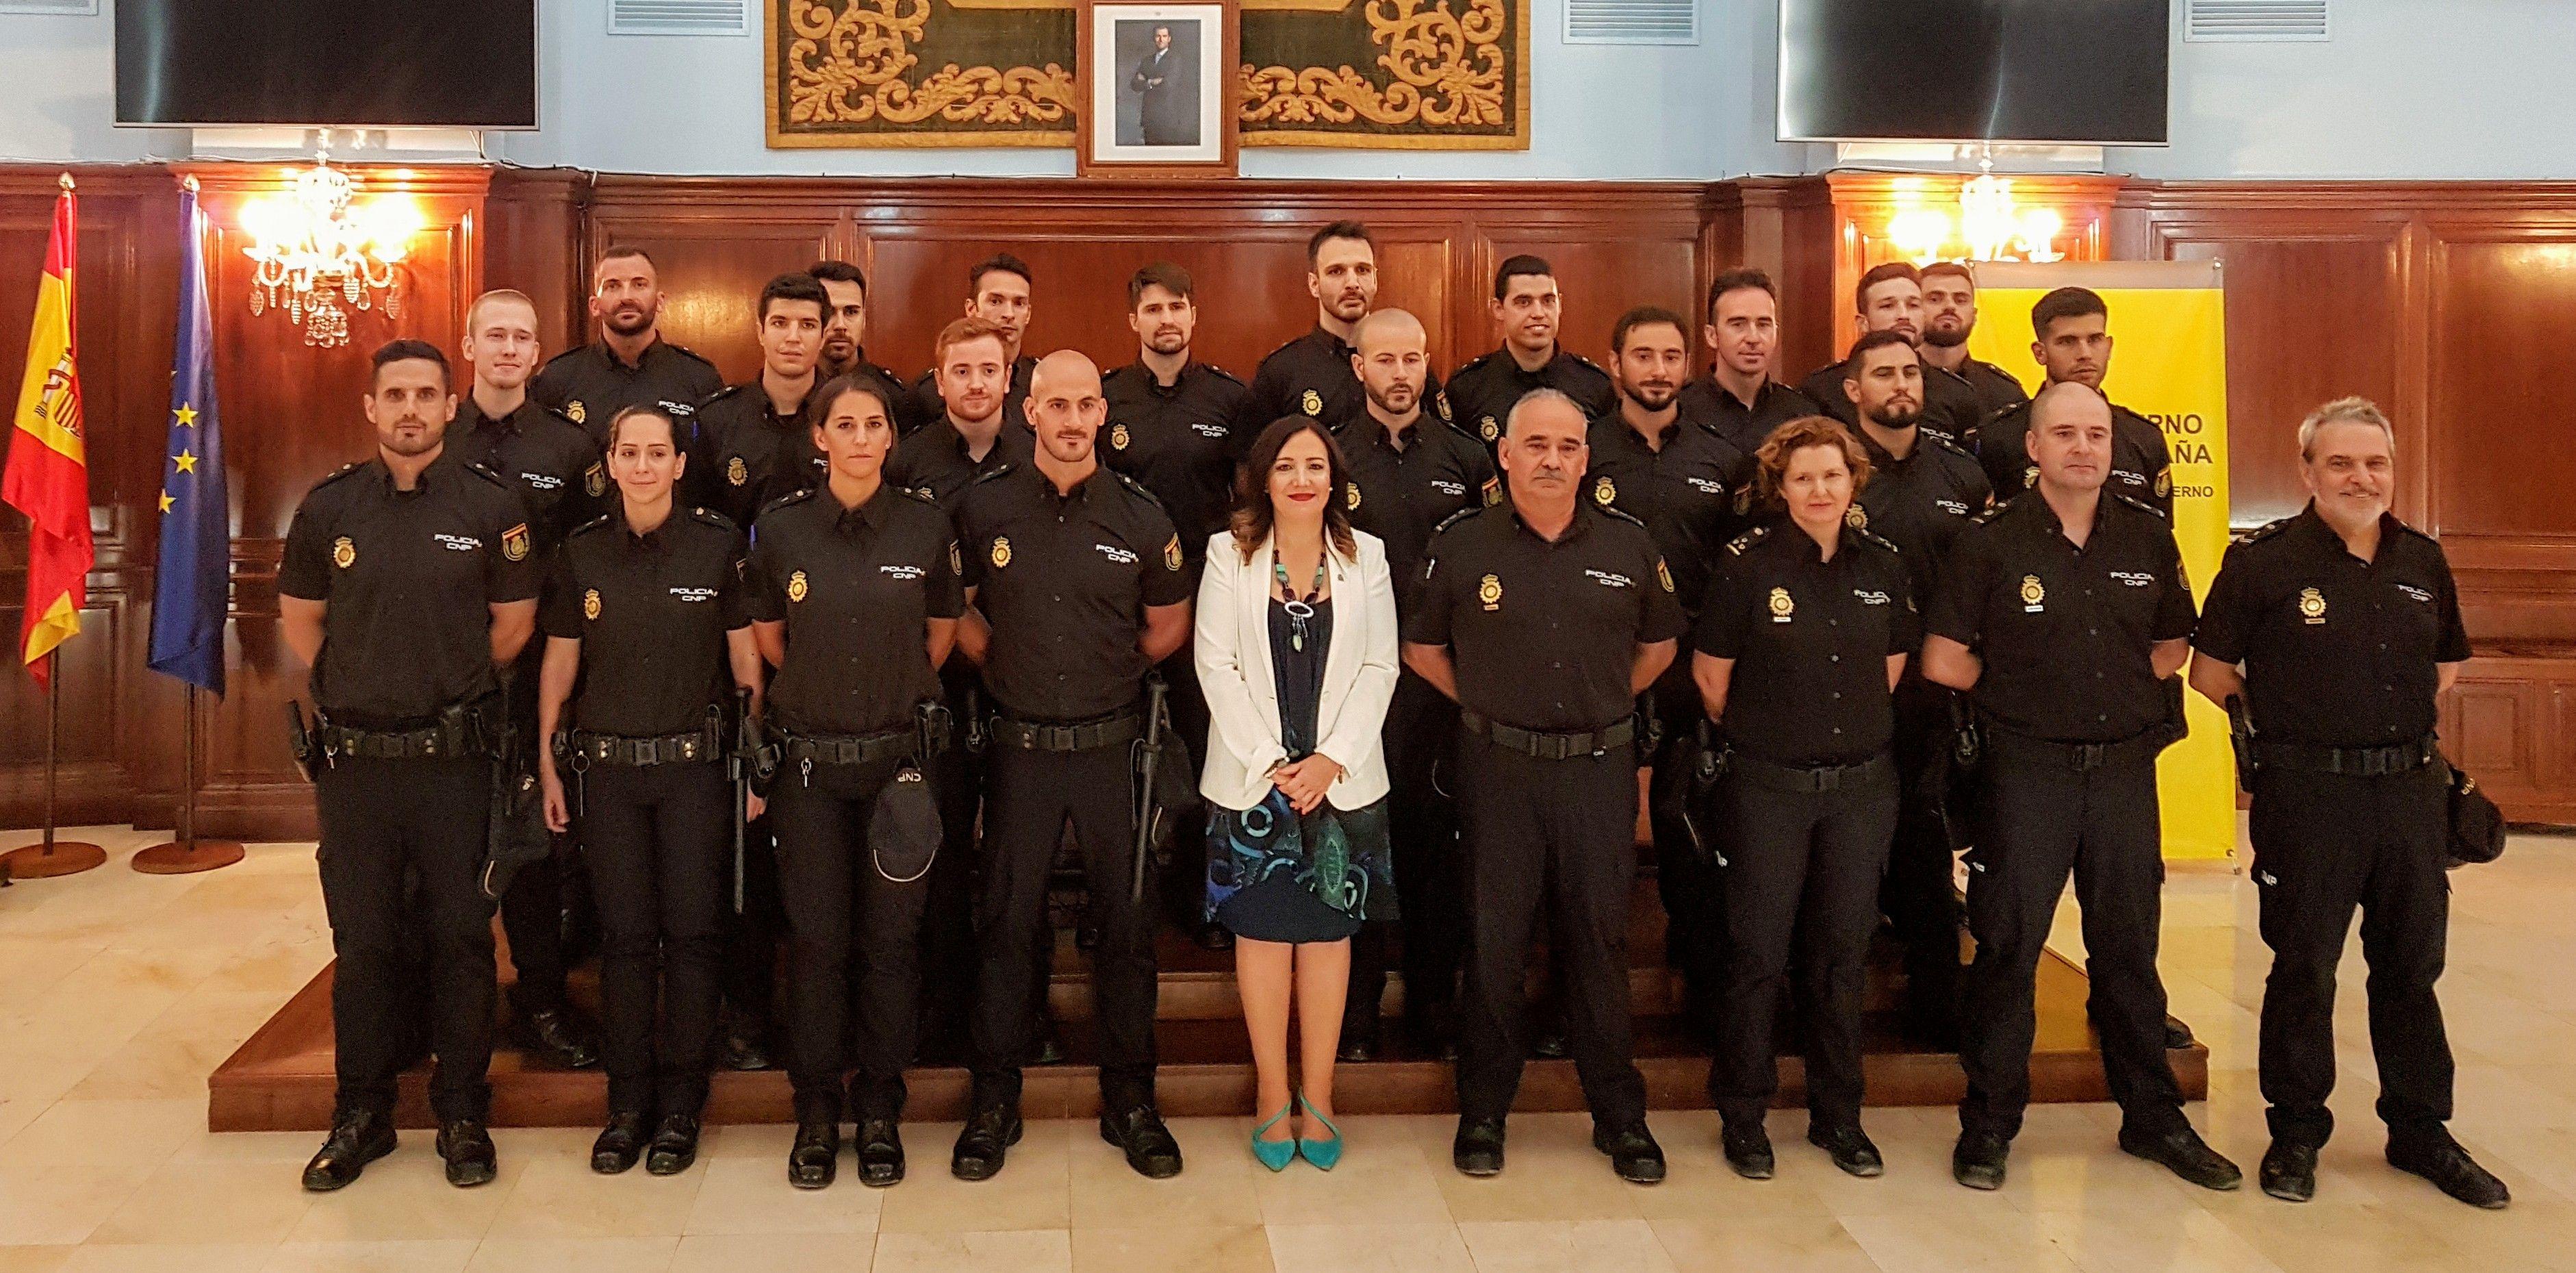 La comisaría de Linares incorpora a 5 agentes en prácticas